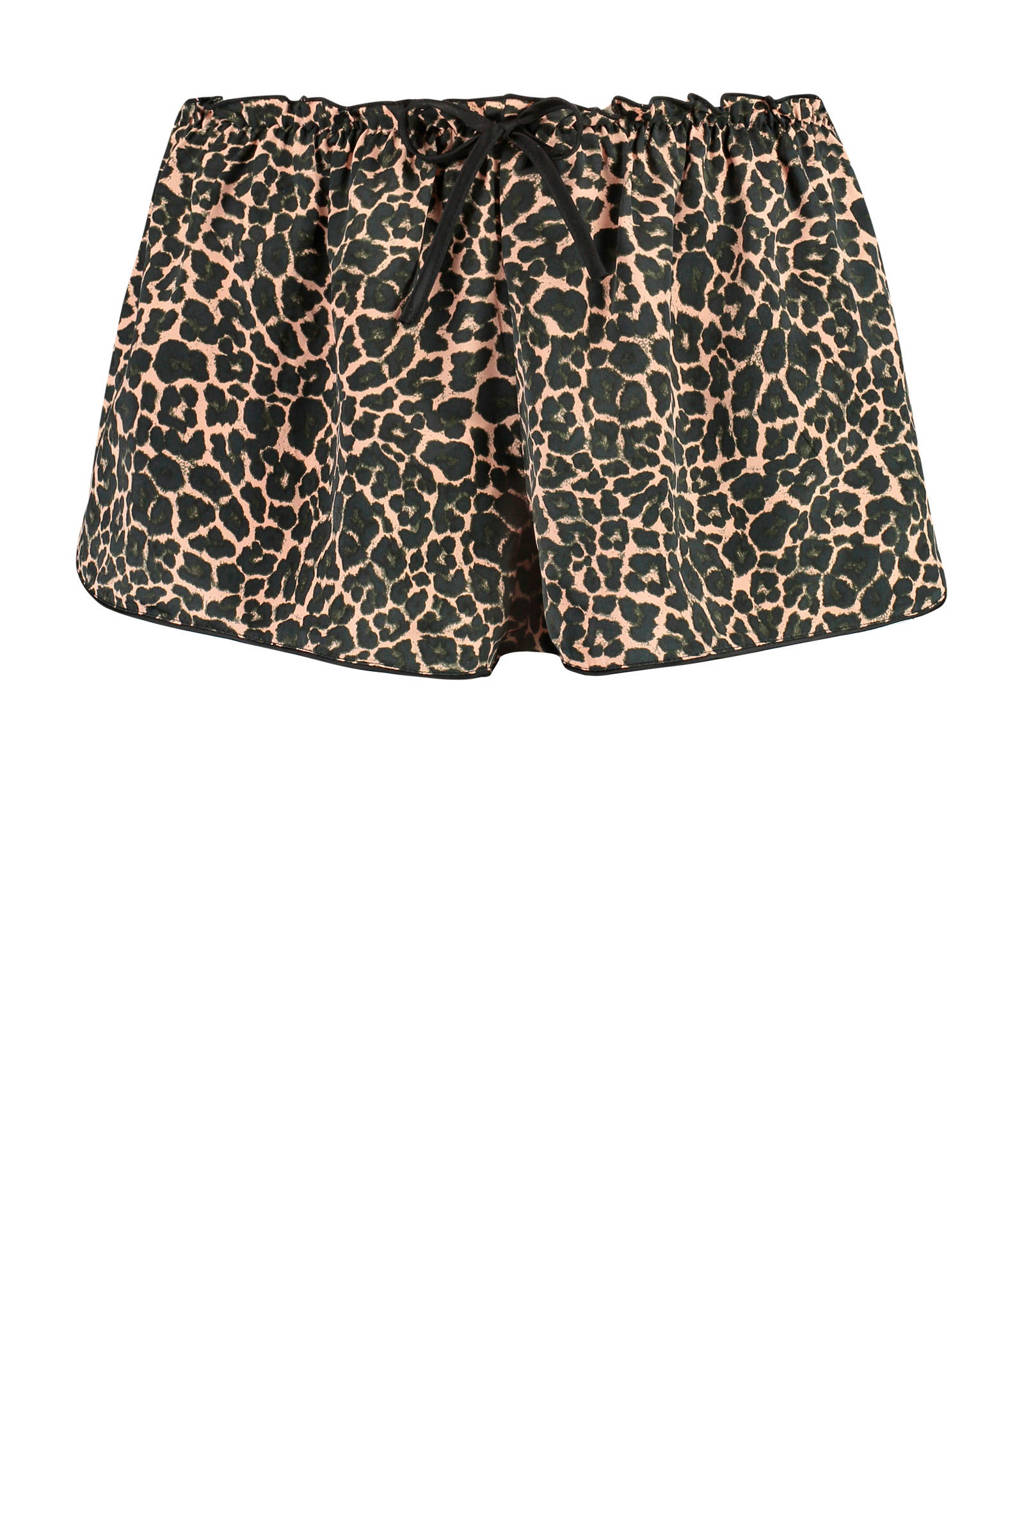 Hunkemöller satijnen pyjamashort met luipaard dessin, Beige/zwart